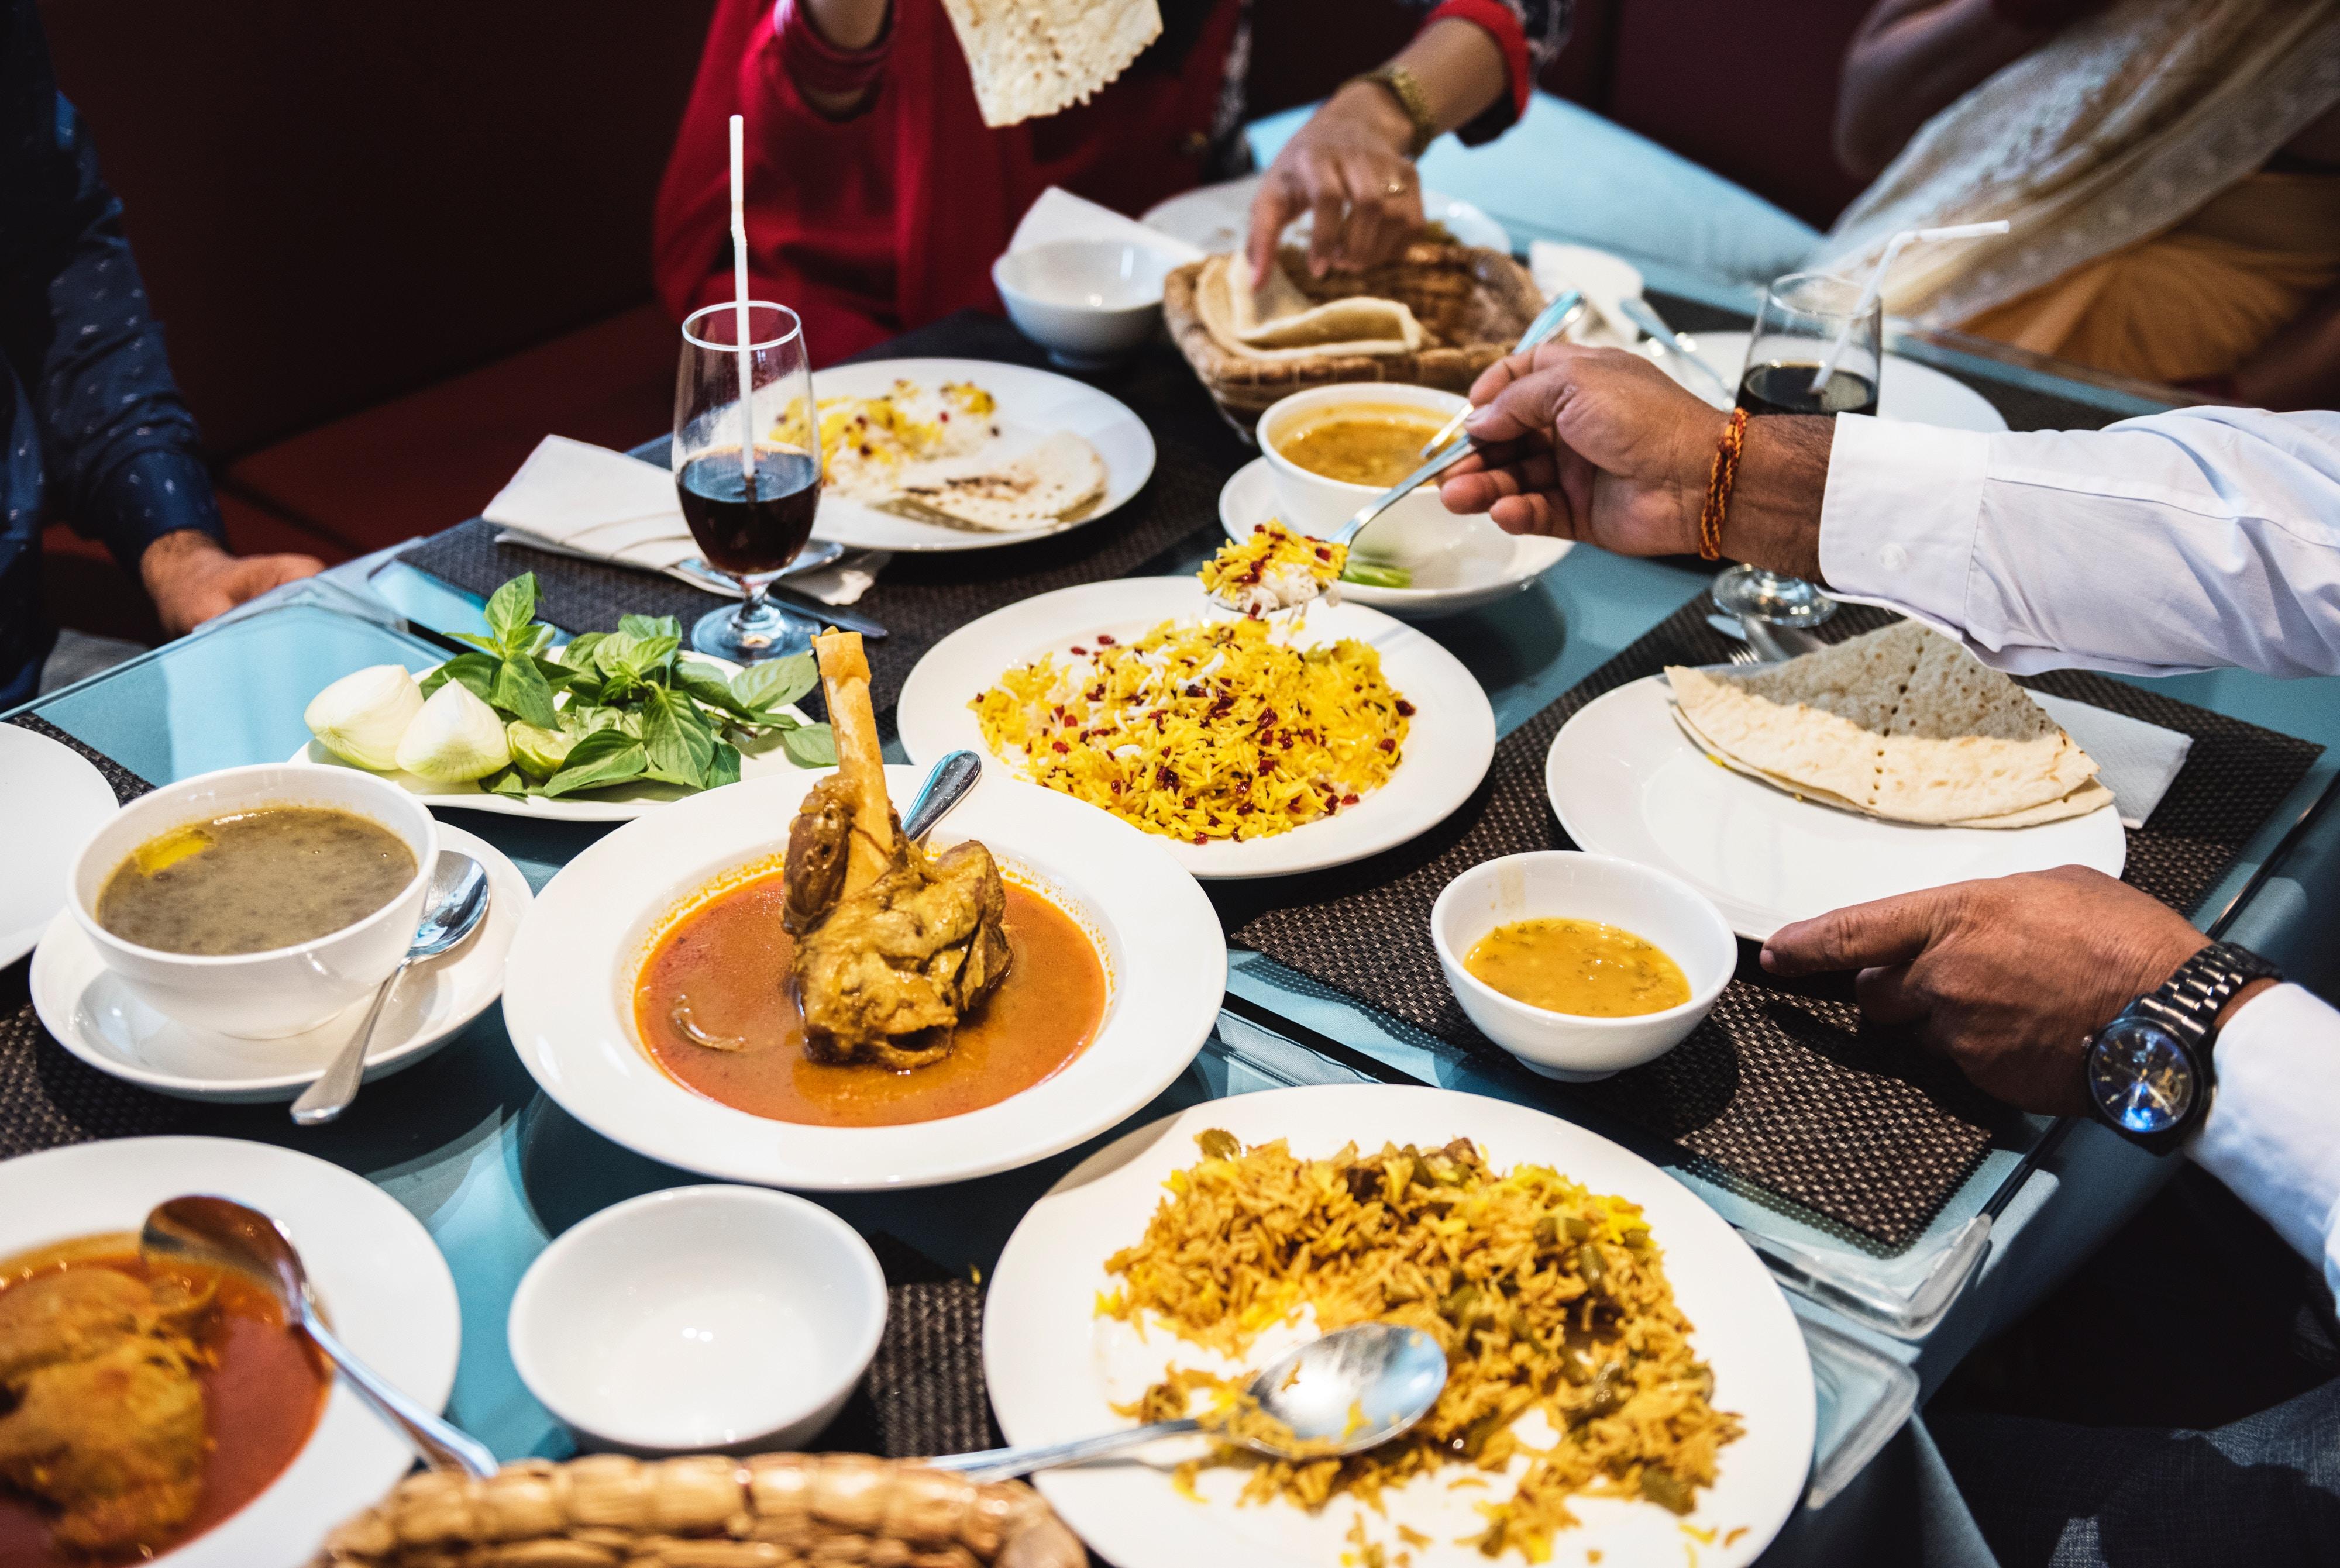 Comidas y cenas de empresa o grupo